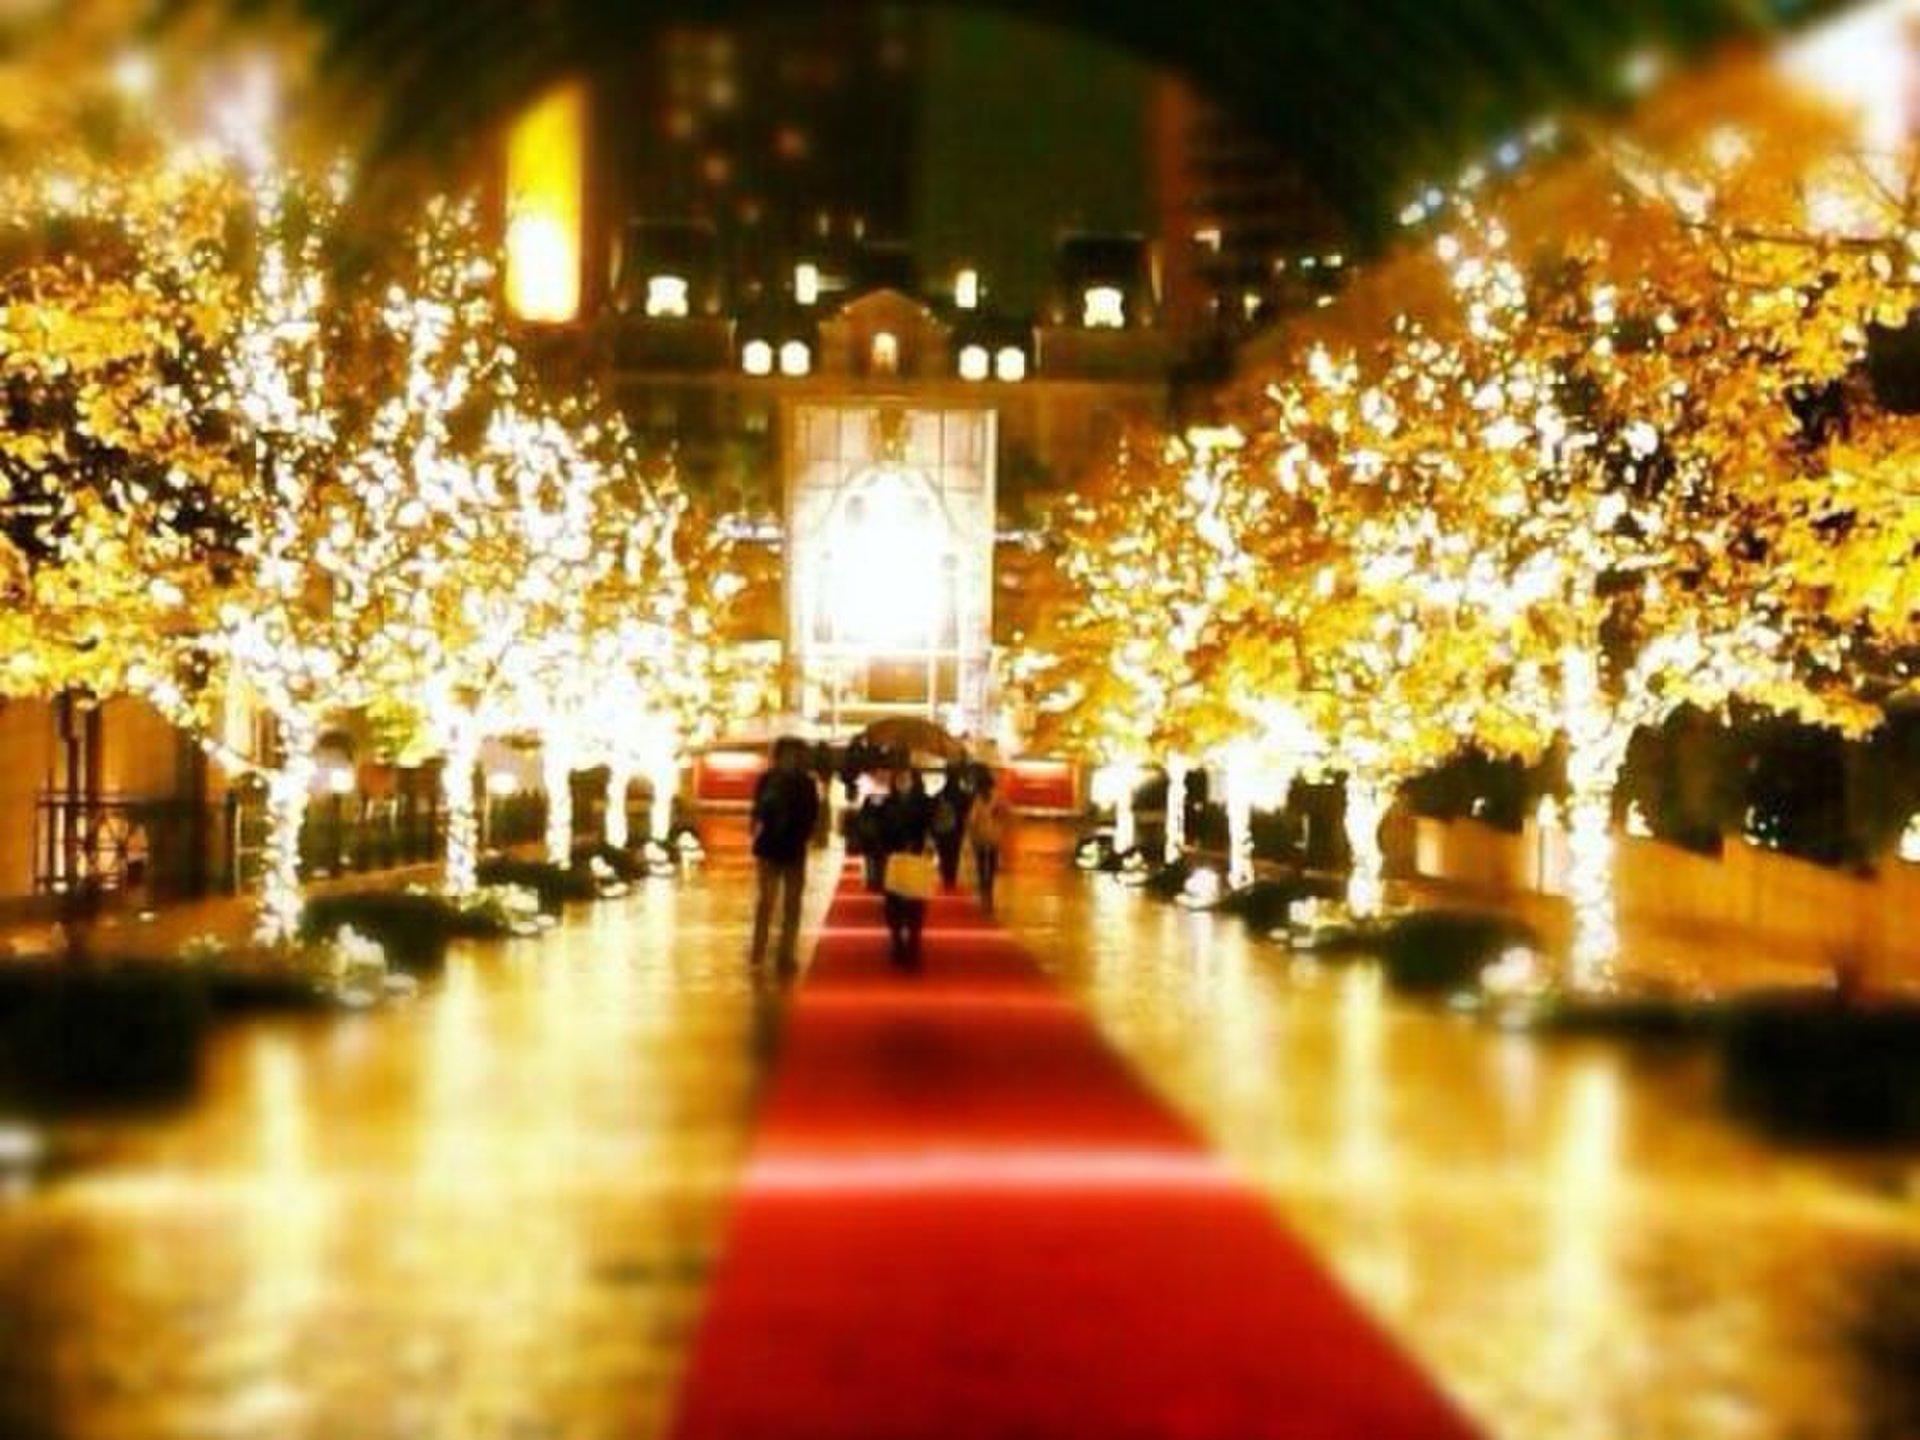 代官山で過ごすクリスマス♡恵比寿までのとっておきイルミネーション&ディナーデートコースを伝授